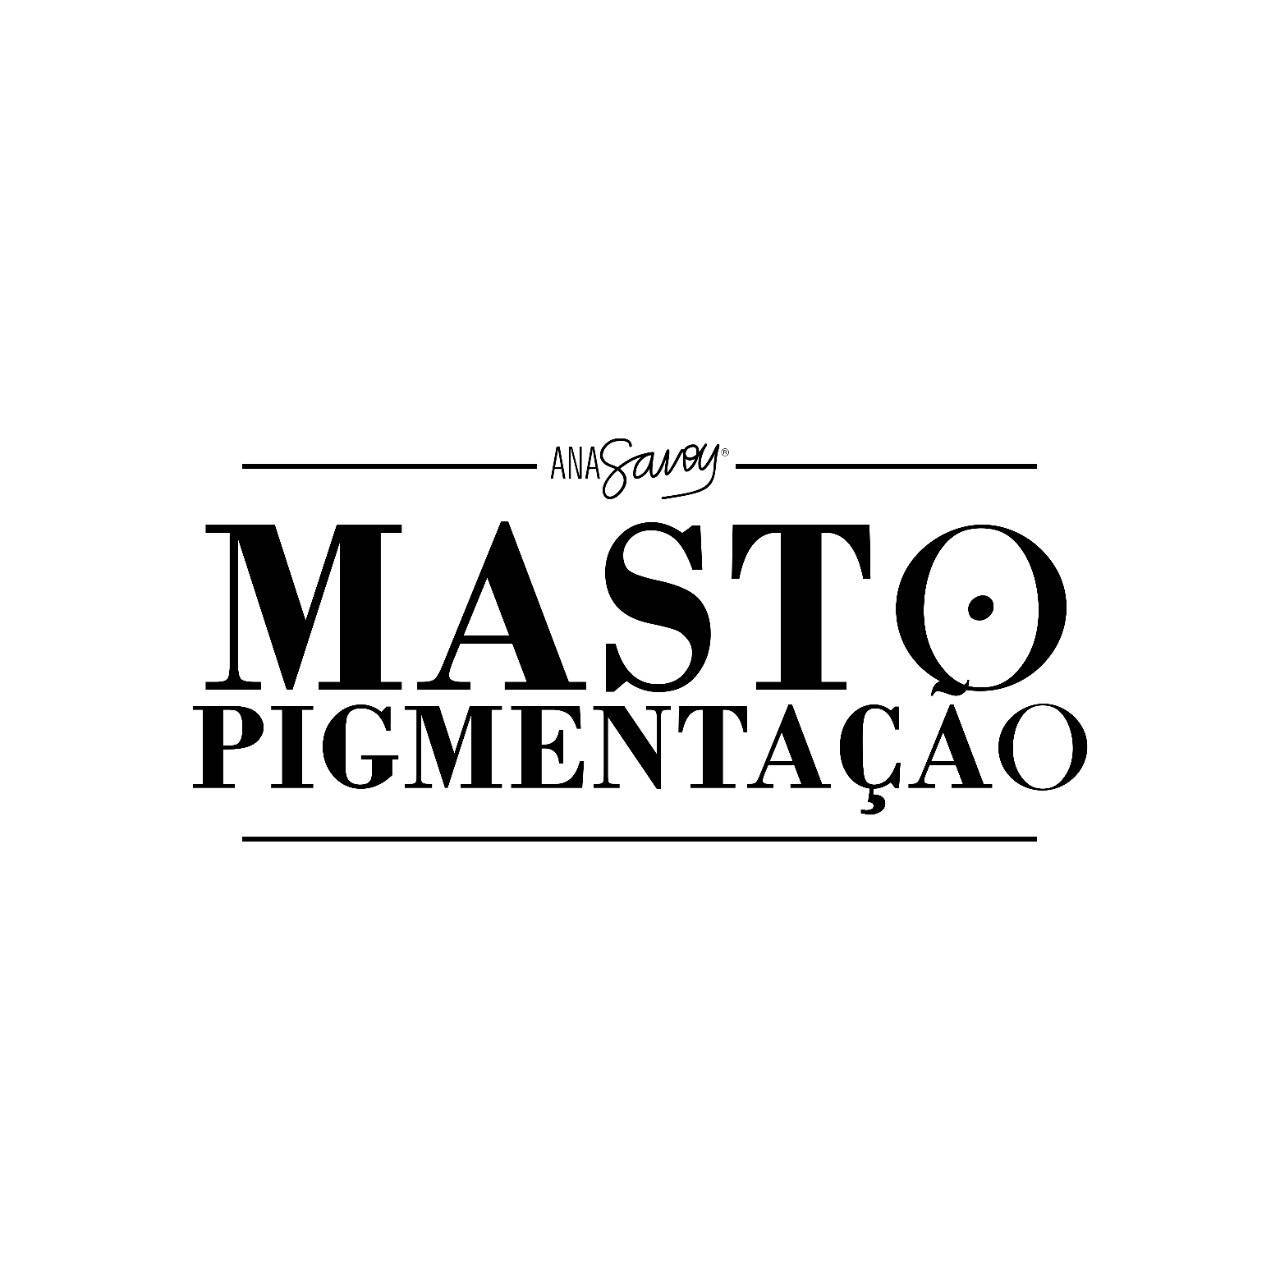 Serviço de Mastopigmentação executado em areola necrosada - Loja Ana Paulla